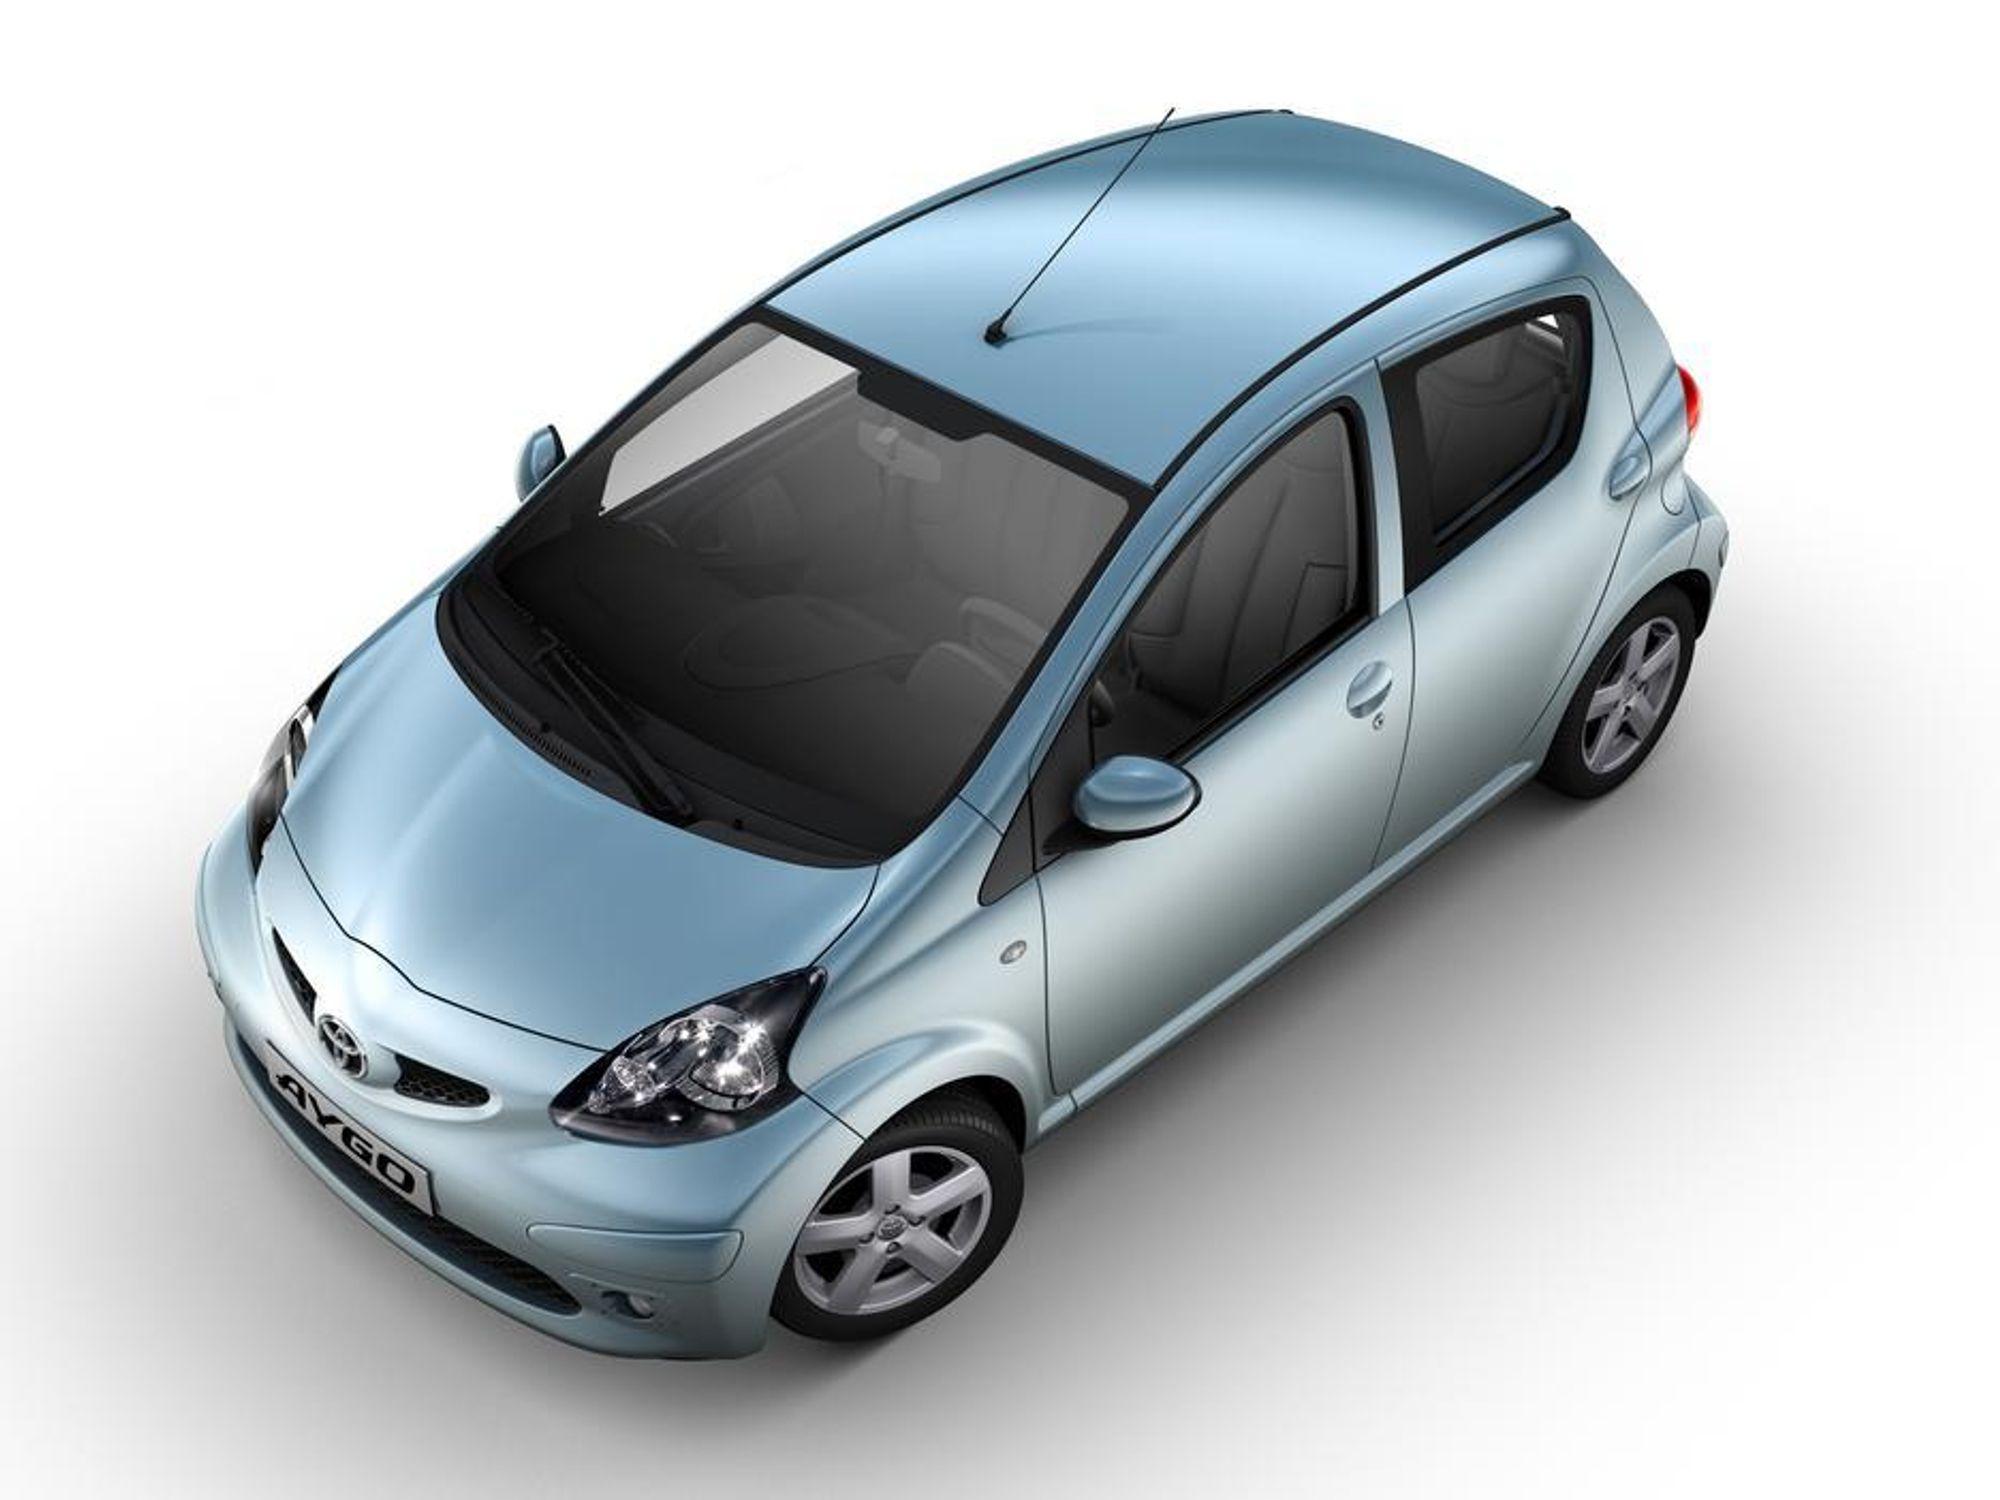 KNØTT: Nye Toyota AYGO er bare 3405 millimeter lang men sies likevel å være laget for unge europeiske voksne. Den låser opp når du nærmer deg med riktigkort i lomma.